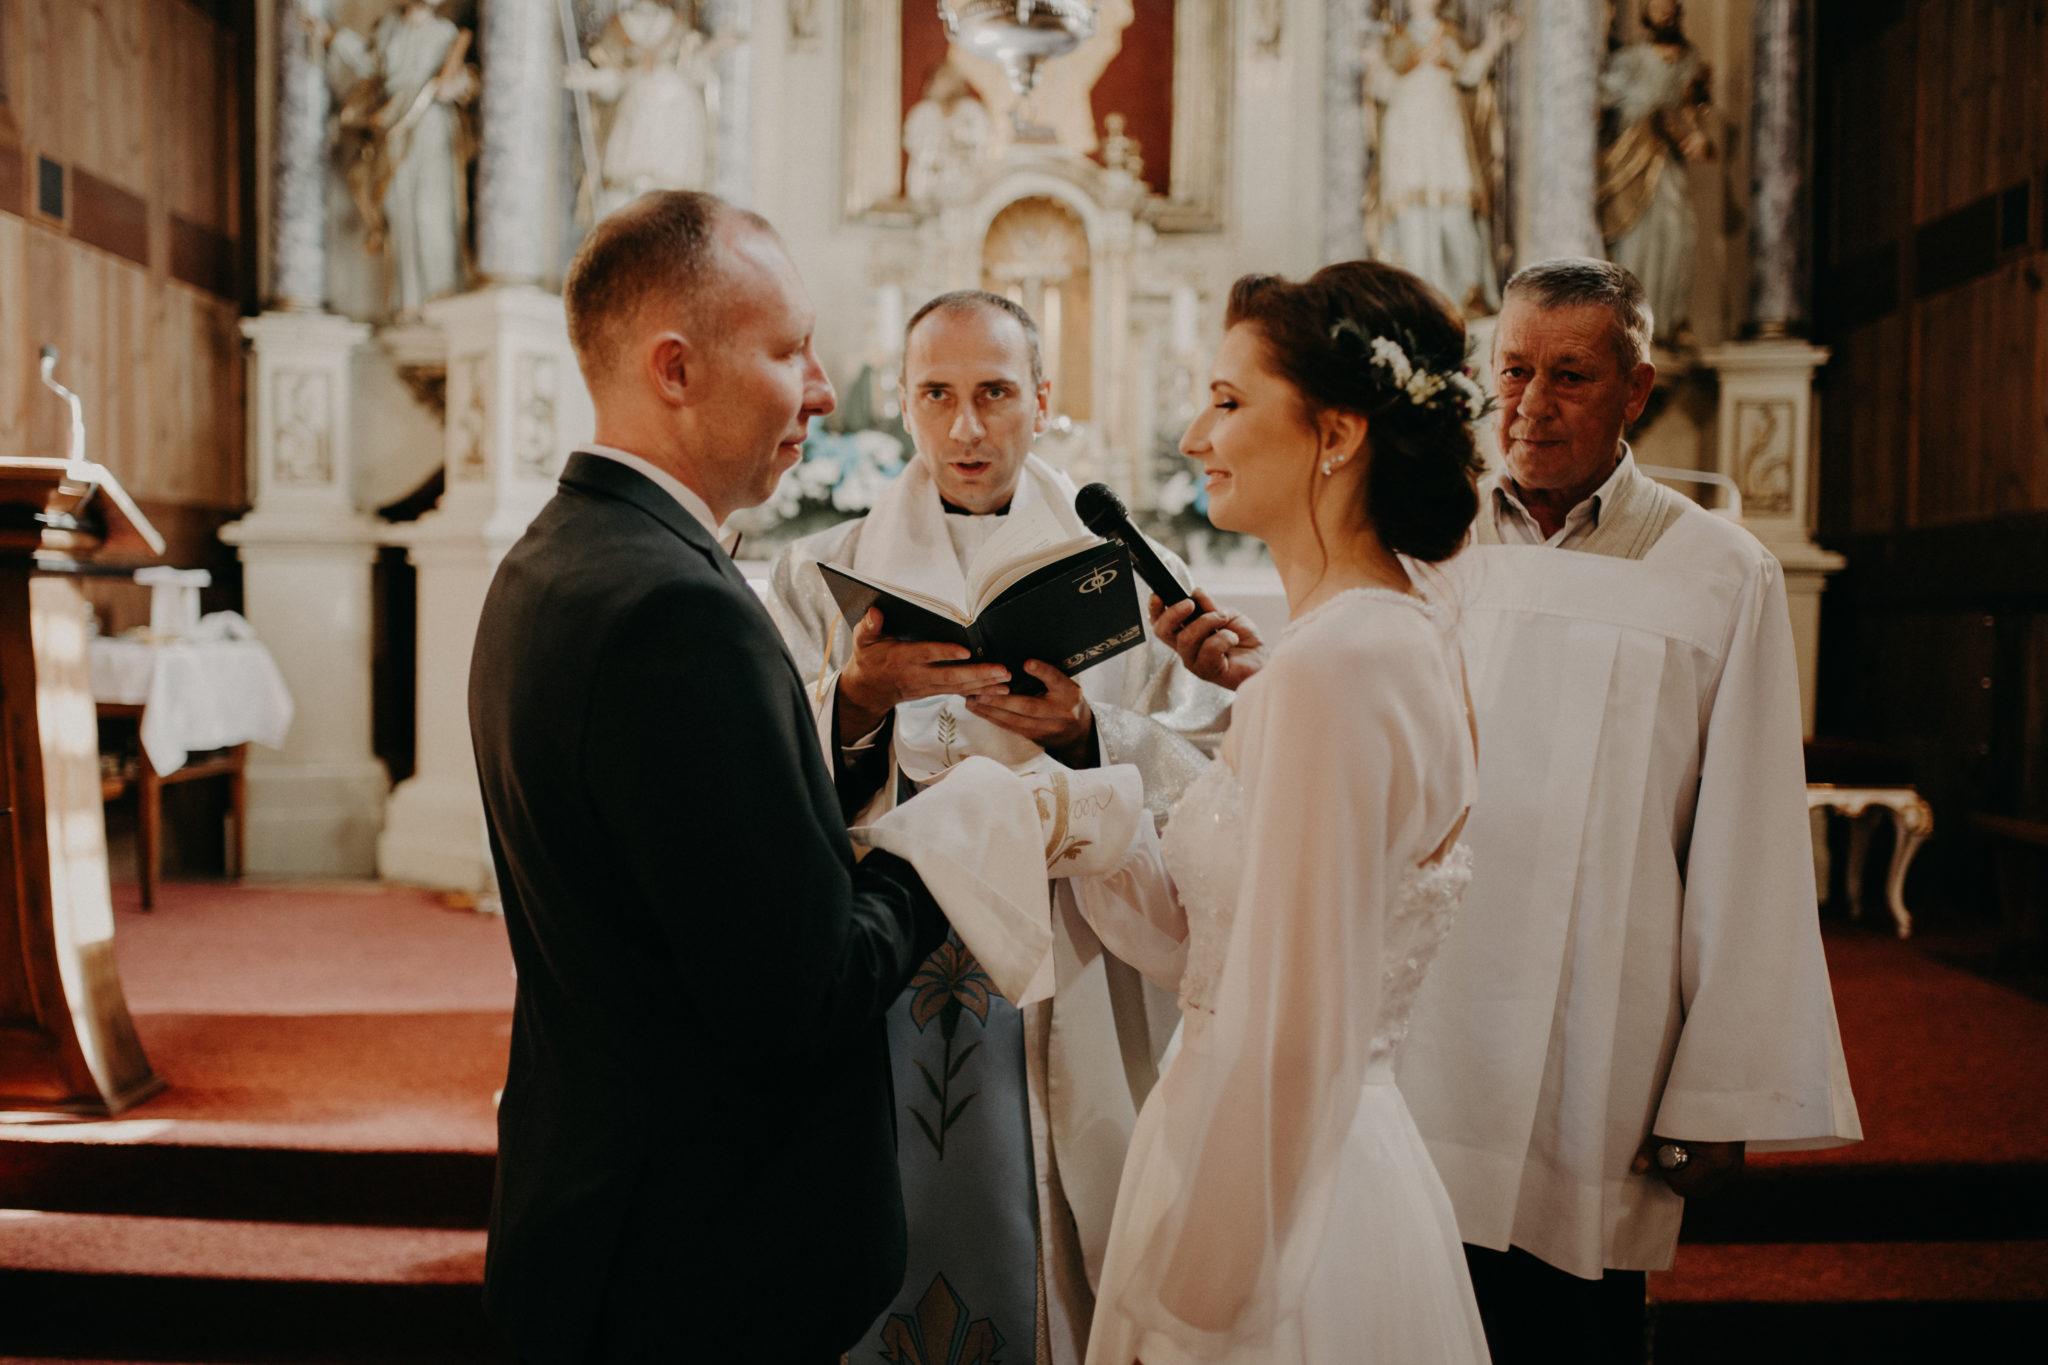 gosia i kuba51 - fotografiagk Fotografia ślubna RK wedding